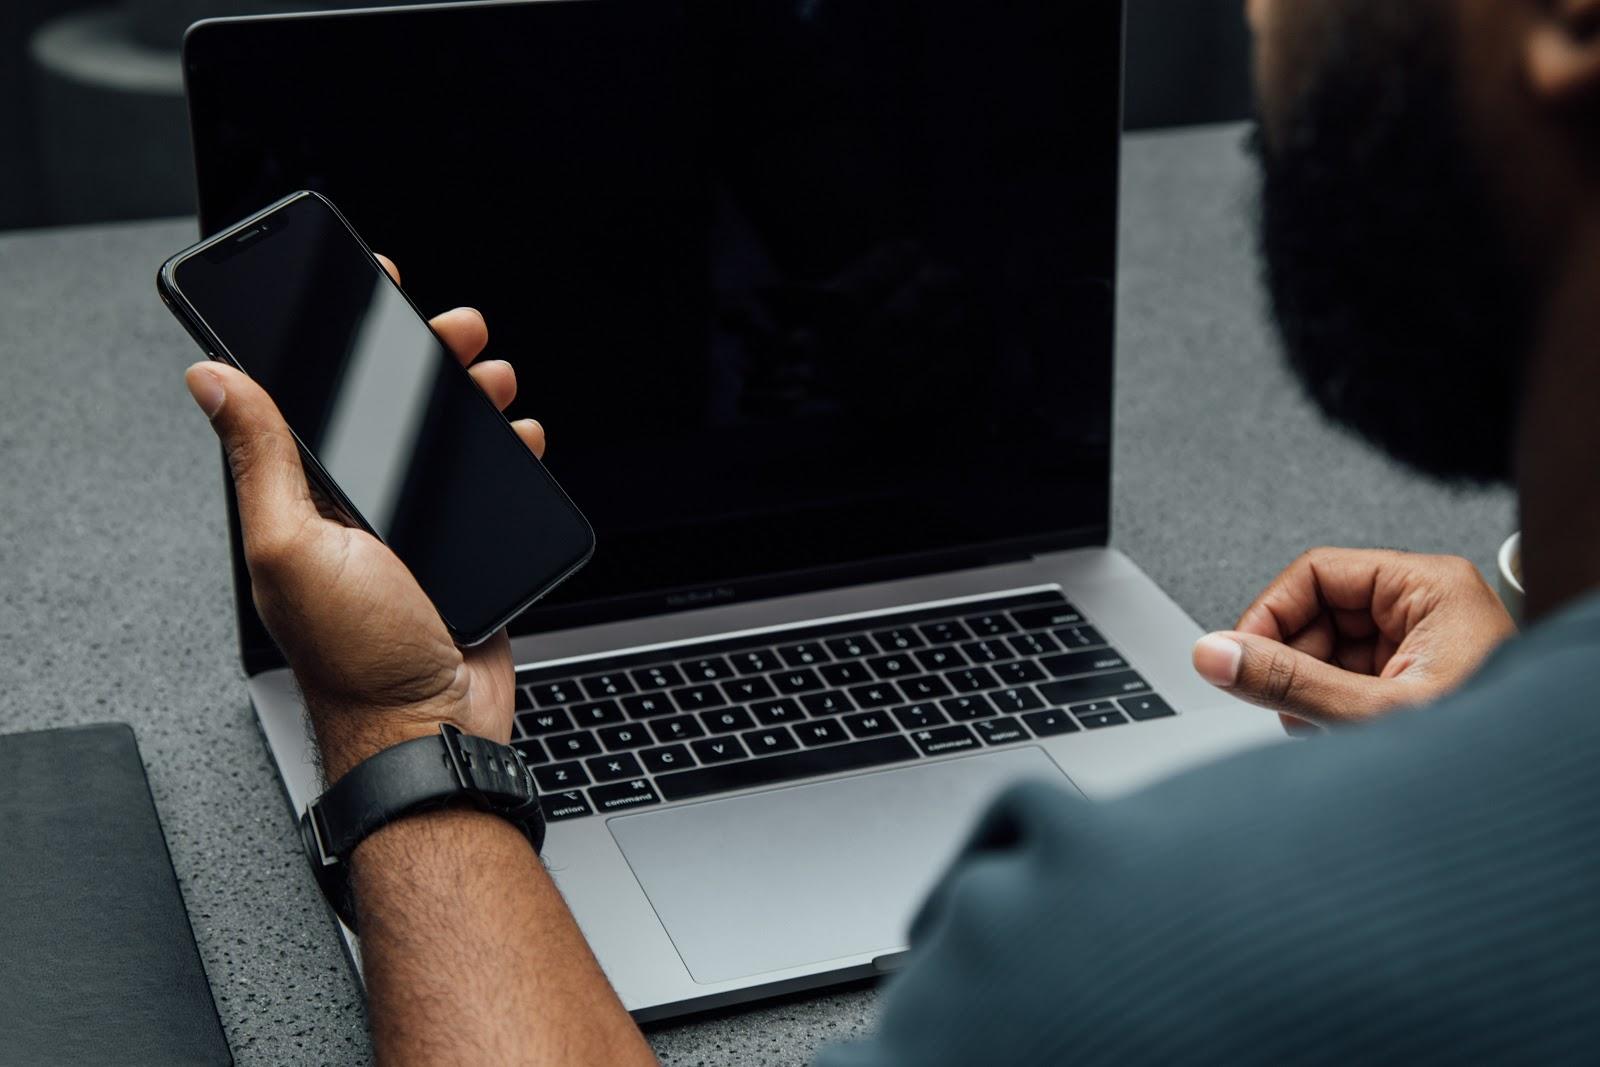 SMS рассылка — это инструмент маркетинга